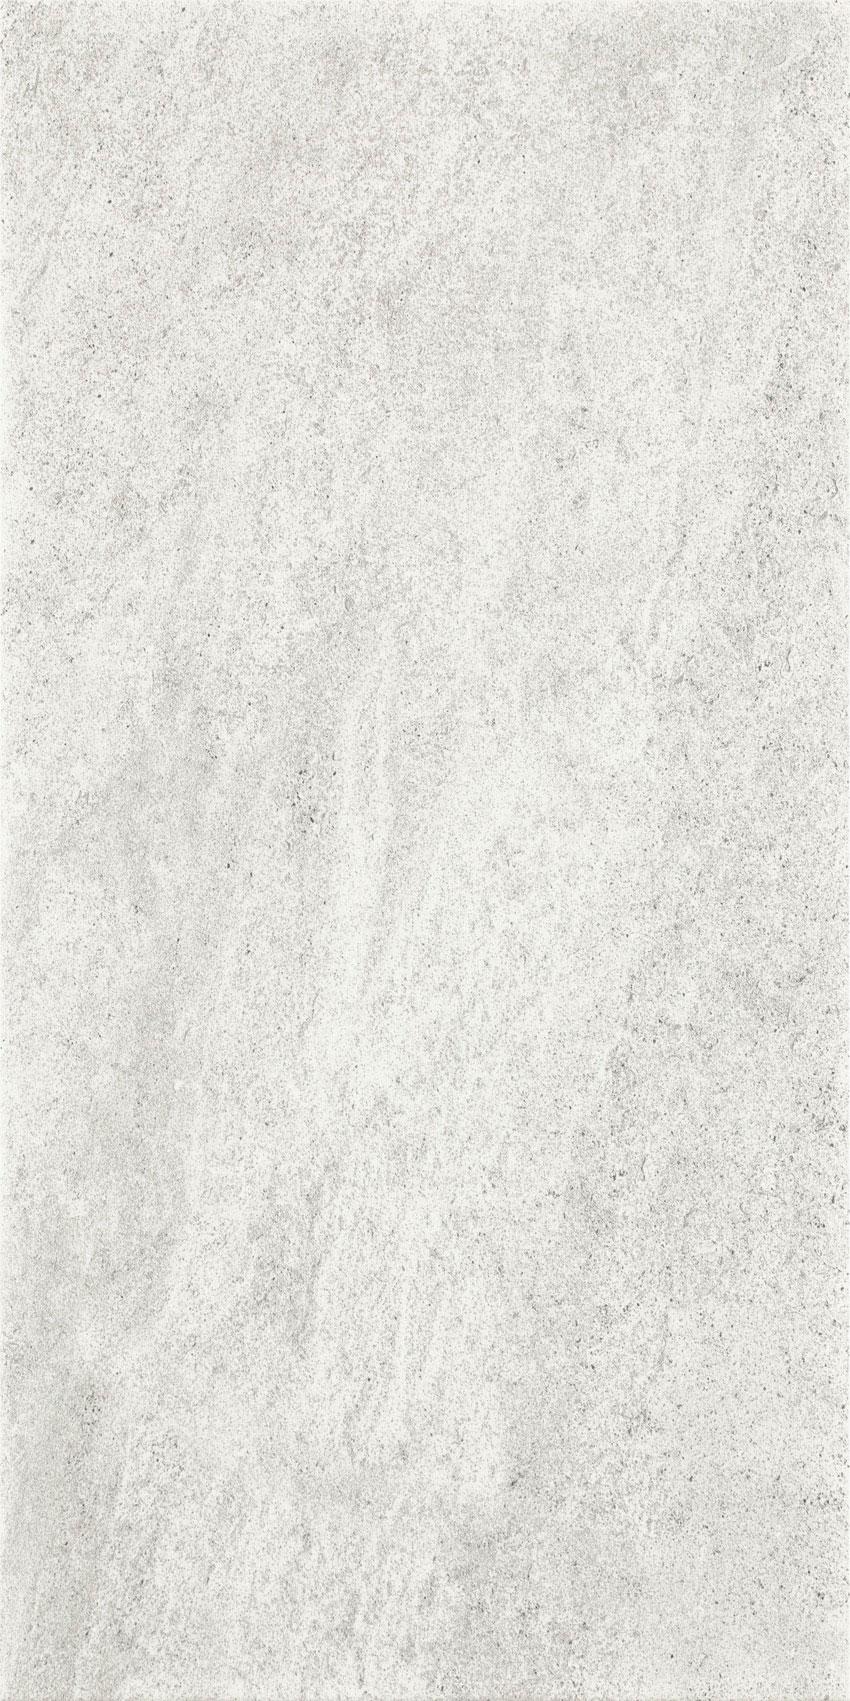 Настенная плитка Ceramika Paradyz Emilly grys 30x60 (1,44) бордюр paradyz emilly milio sepia 2 3x60